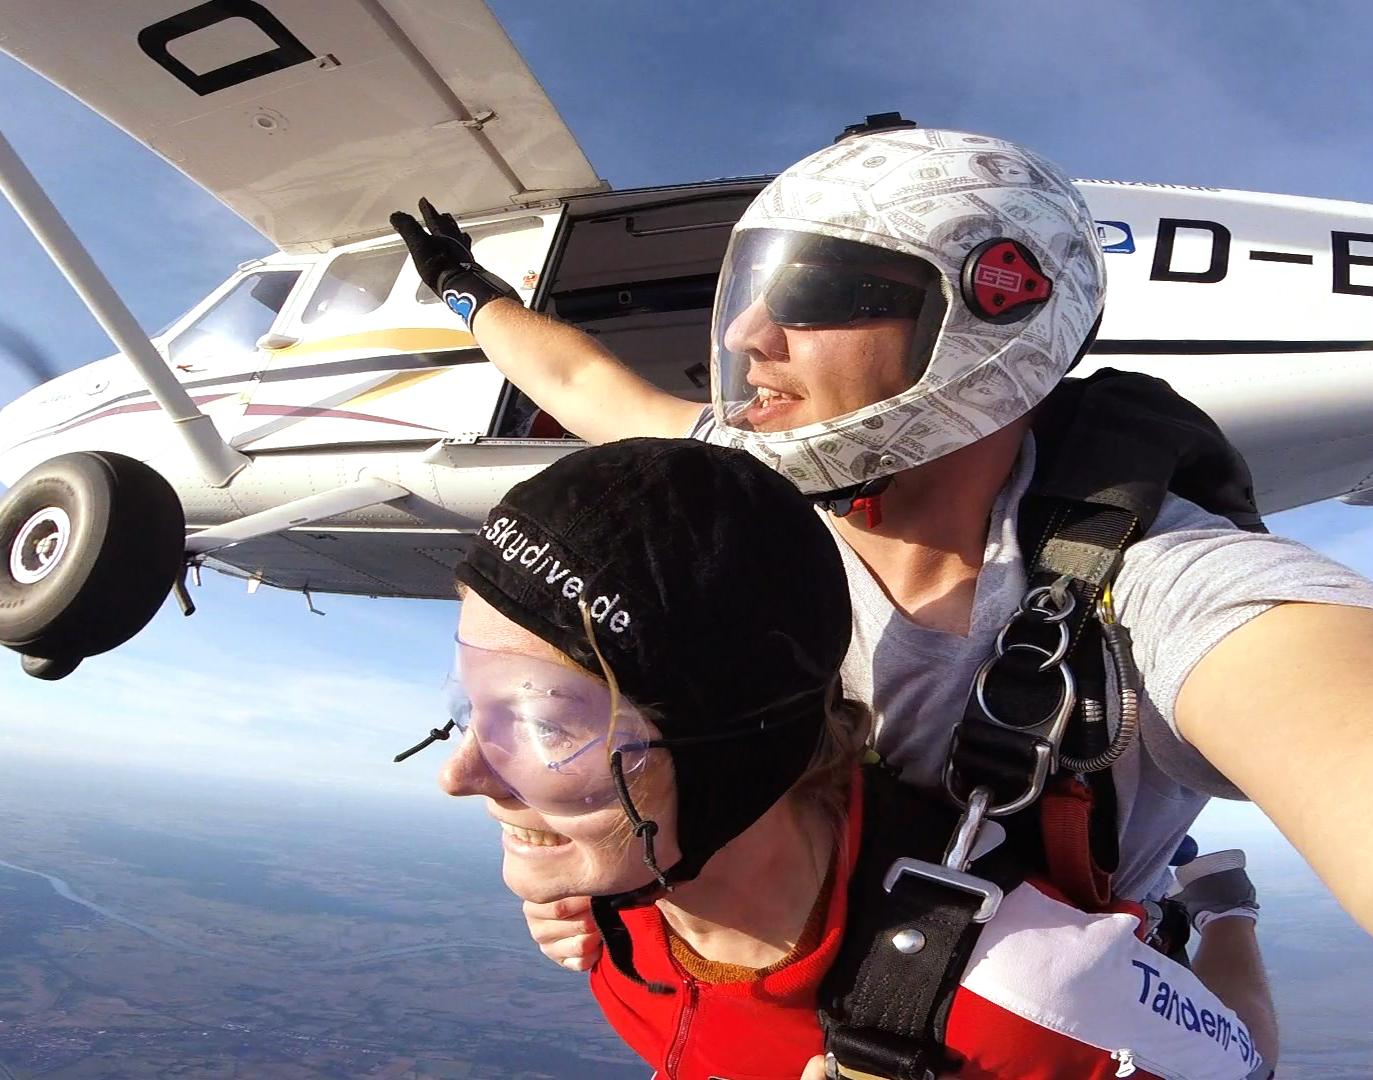 Fallschirm-Tandemsprung Stade Sprung aus ca. 3.000-4.000 Metern - ca. 25-50 Sekunden freier Fall